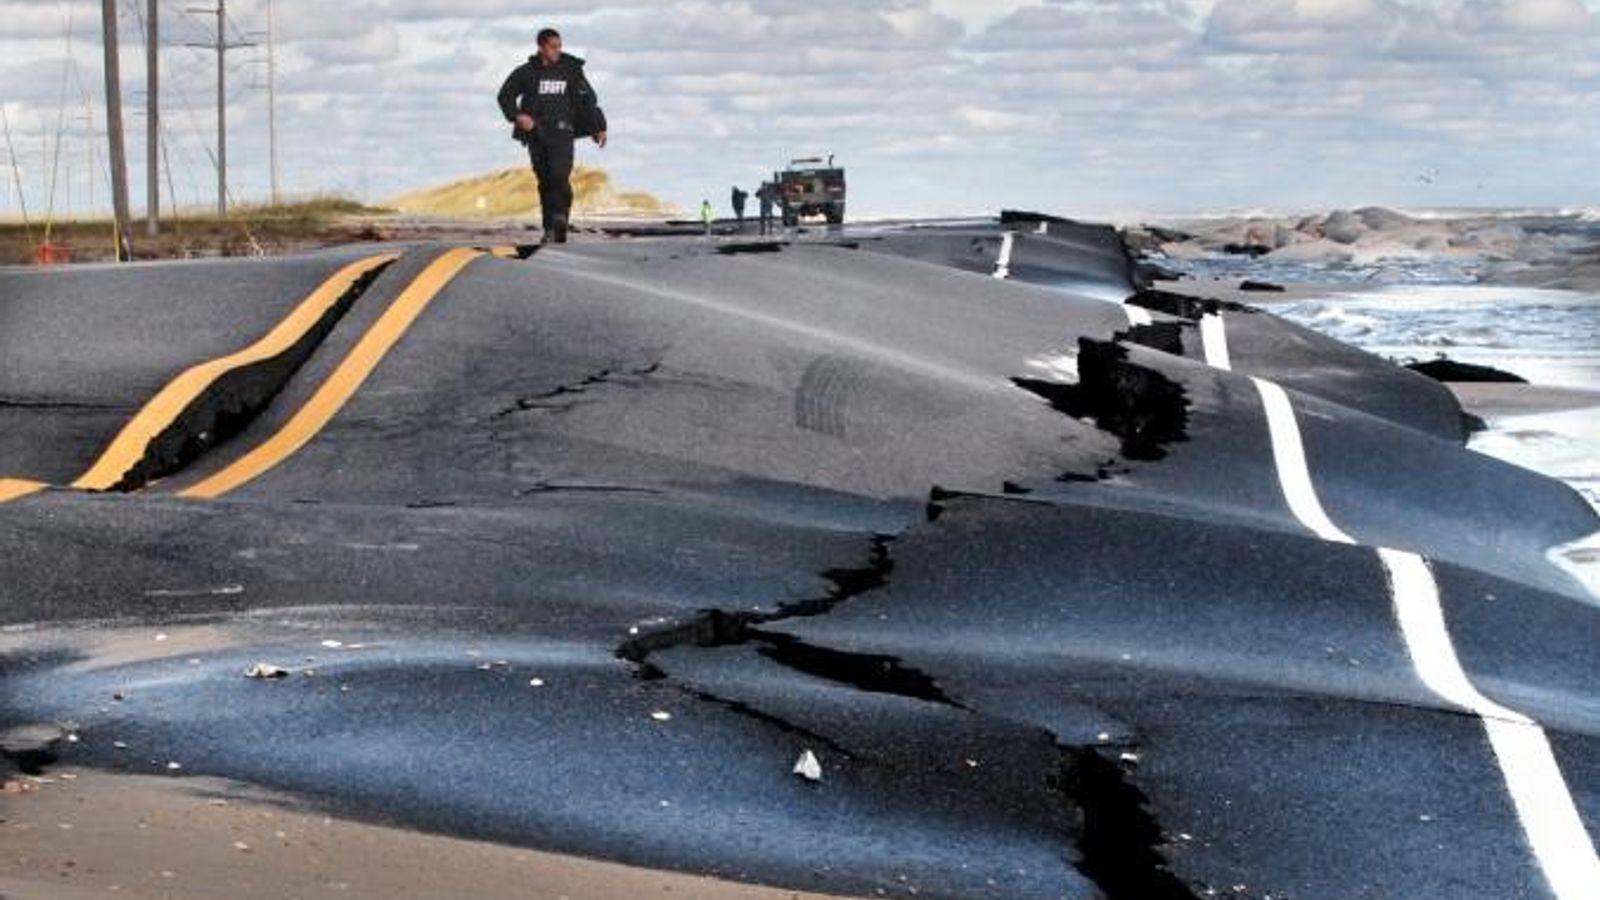 Deputy Cliff Tice vom Dare County Sheriff's Department läuft am 30. Oktober 2012 die beschädigte Straße ...